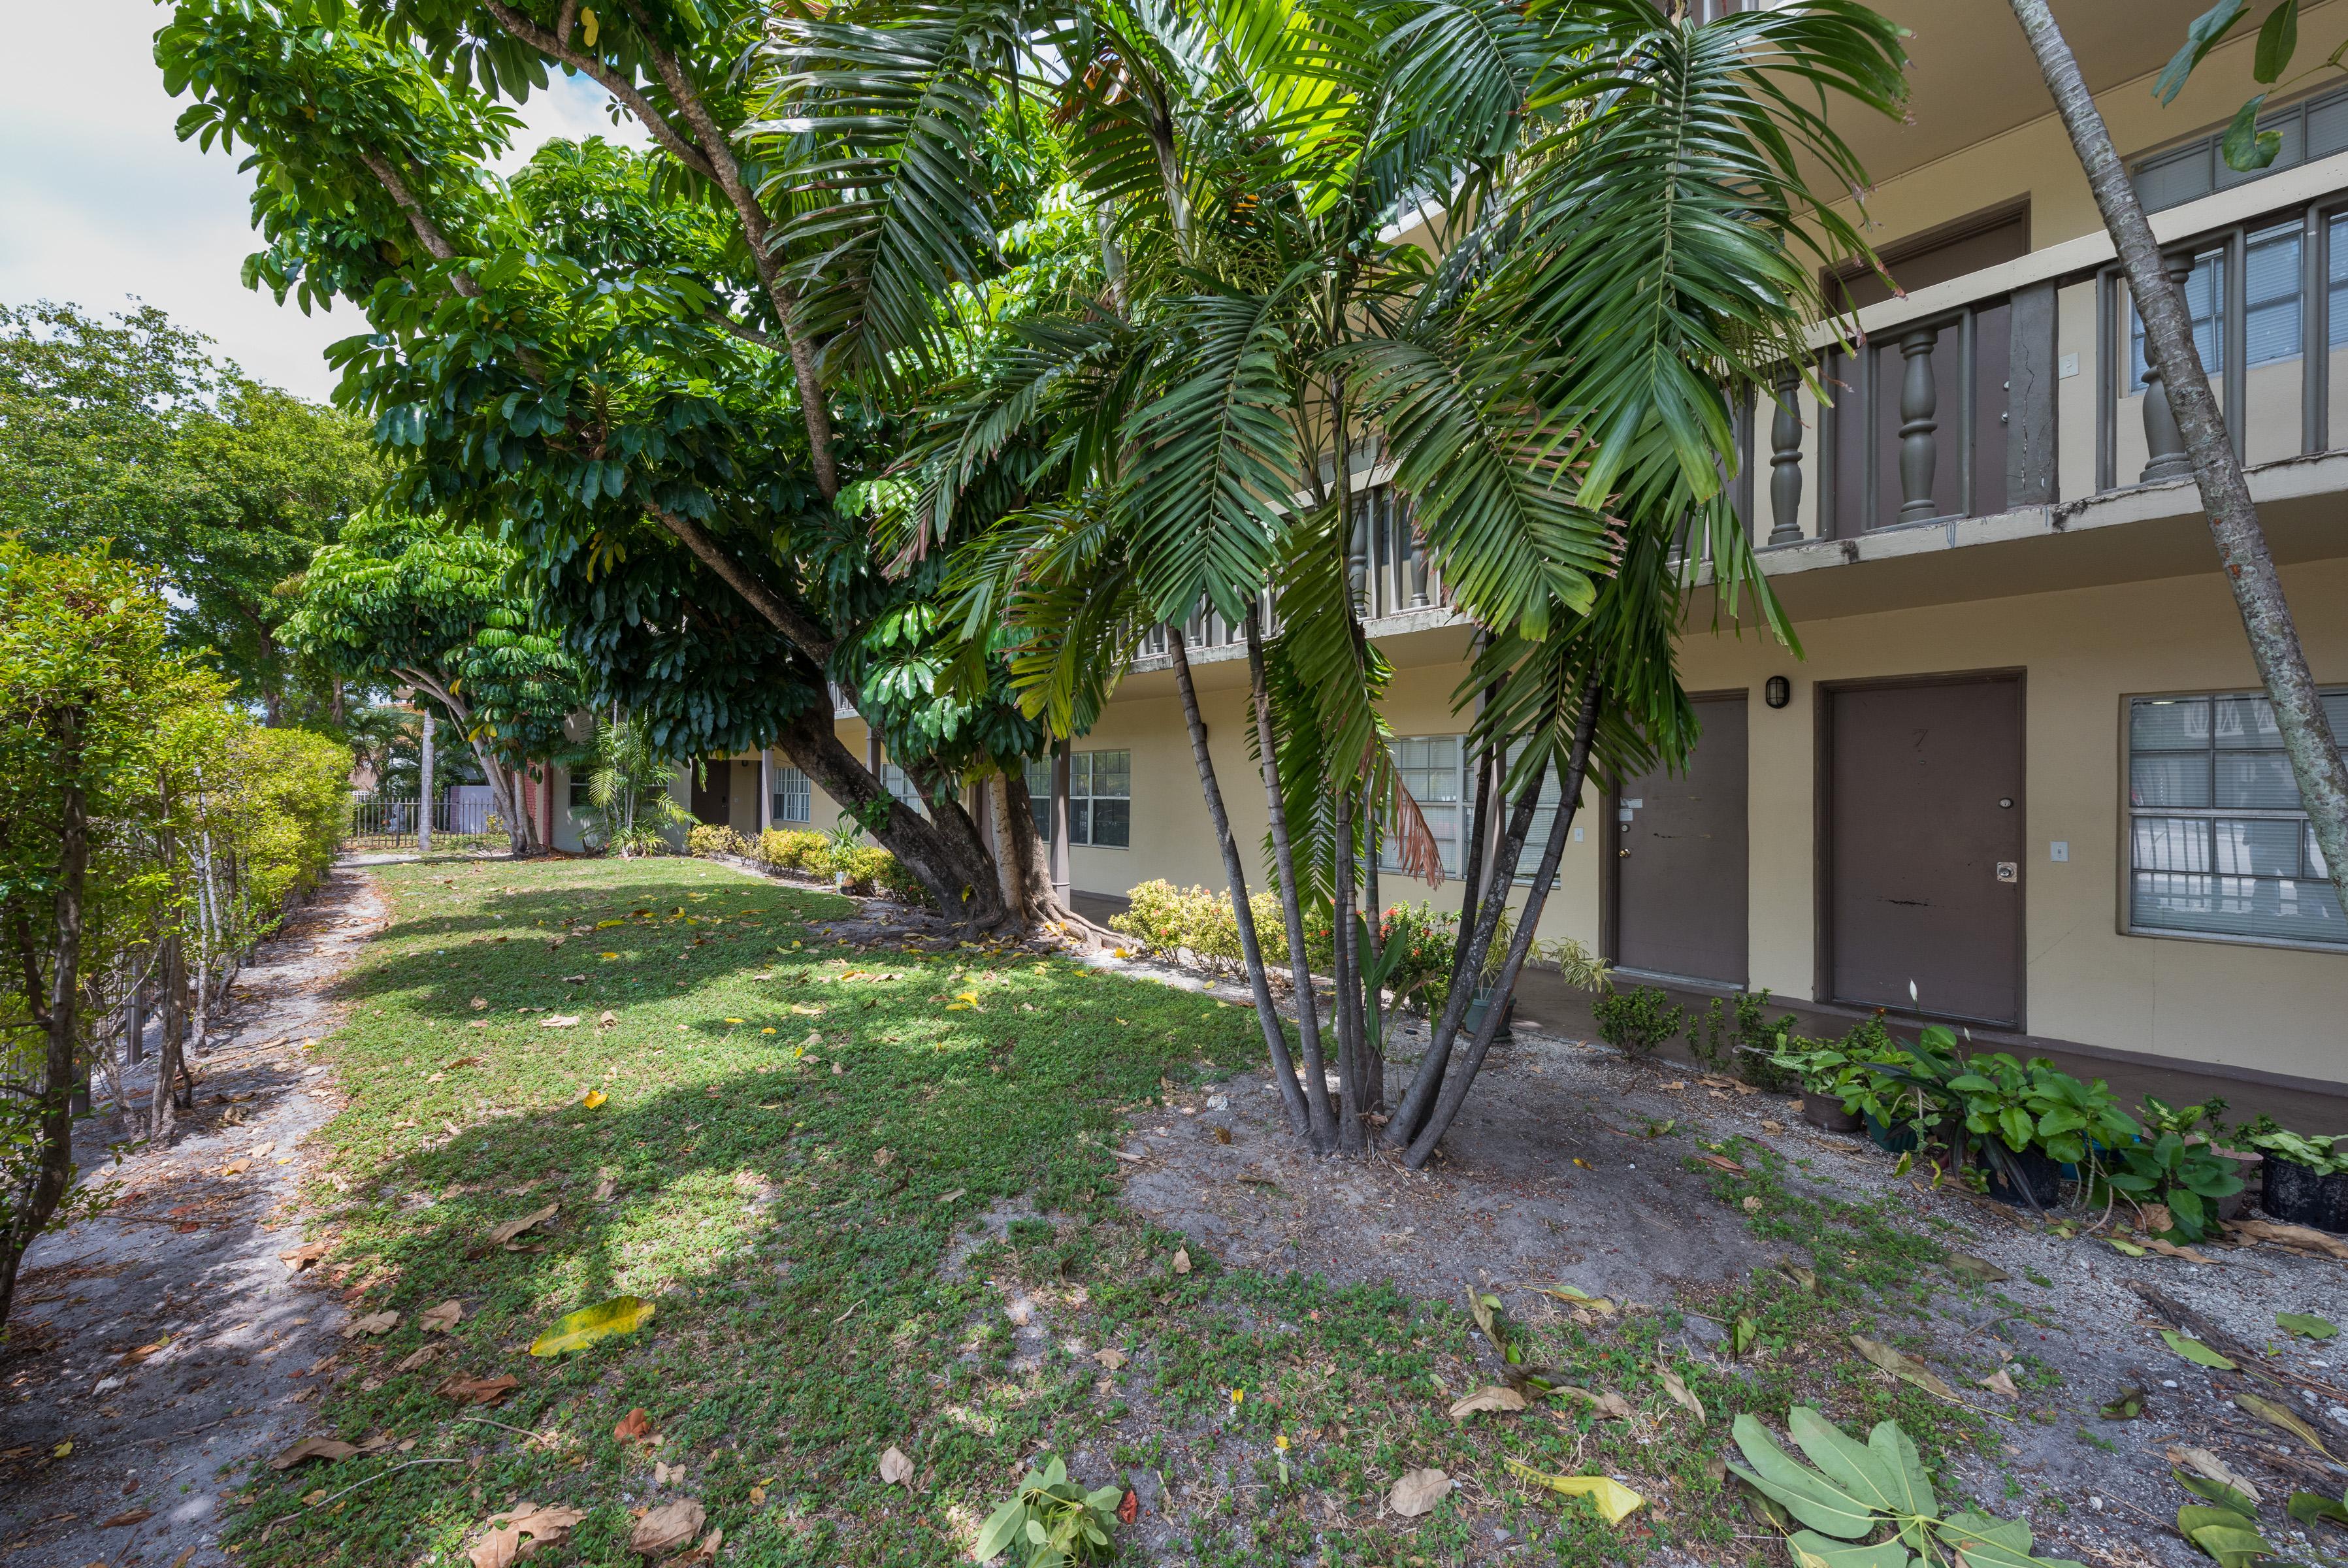 Copropriété pour l Vente à 1855 NE 121st St # 7 1855 Ne 121st St 7 North Miami, Florida, 33181 États-Unis